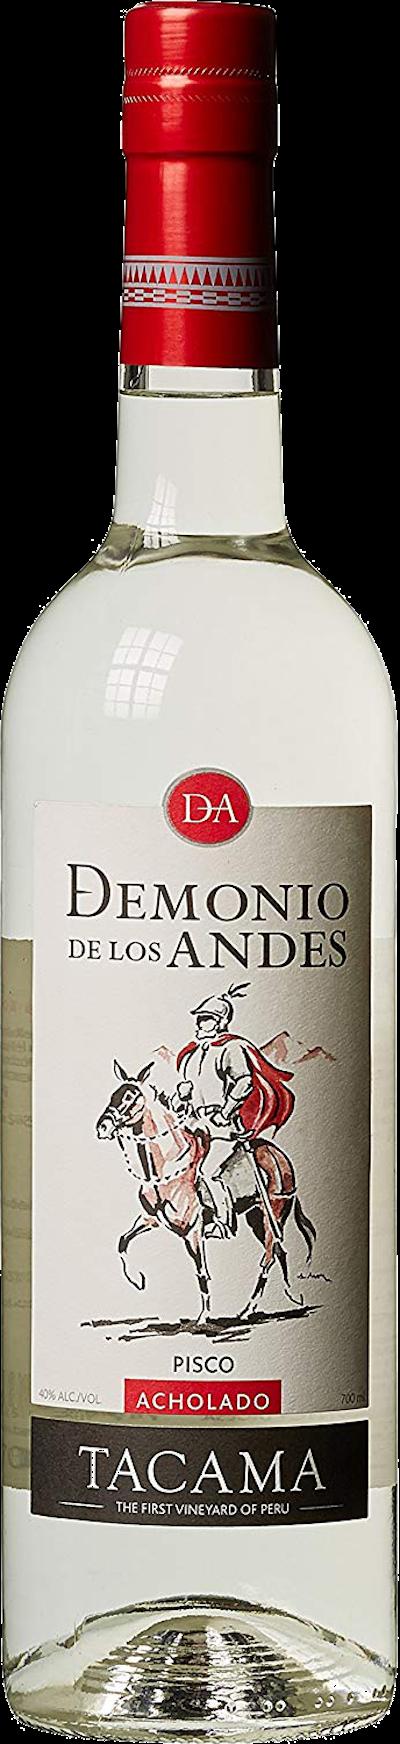 Tacama - Demonio de dos Andes Pisco Acholado